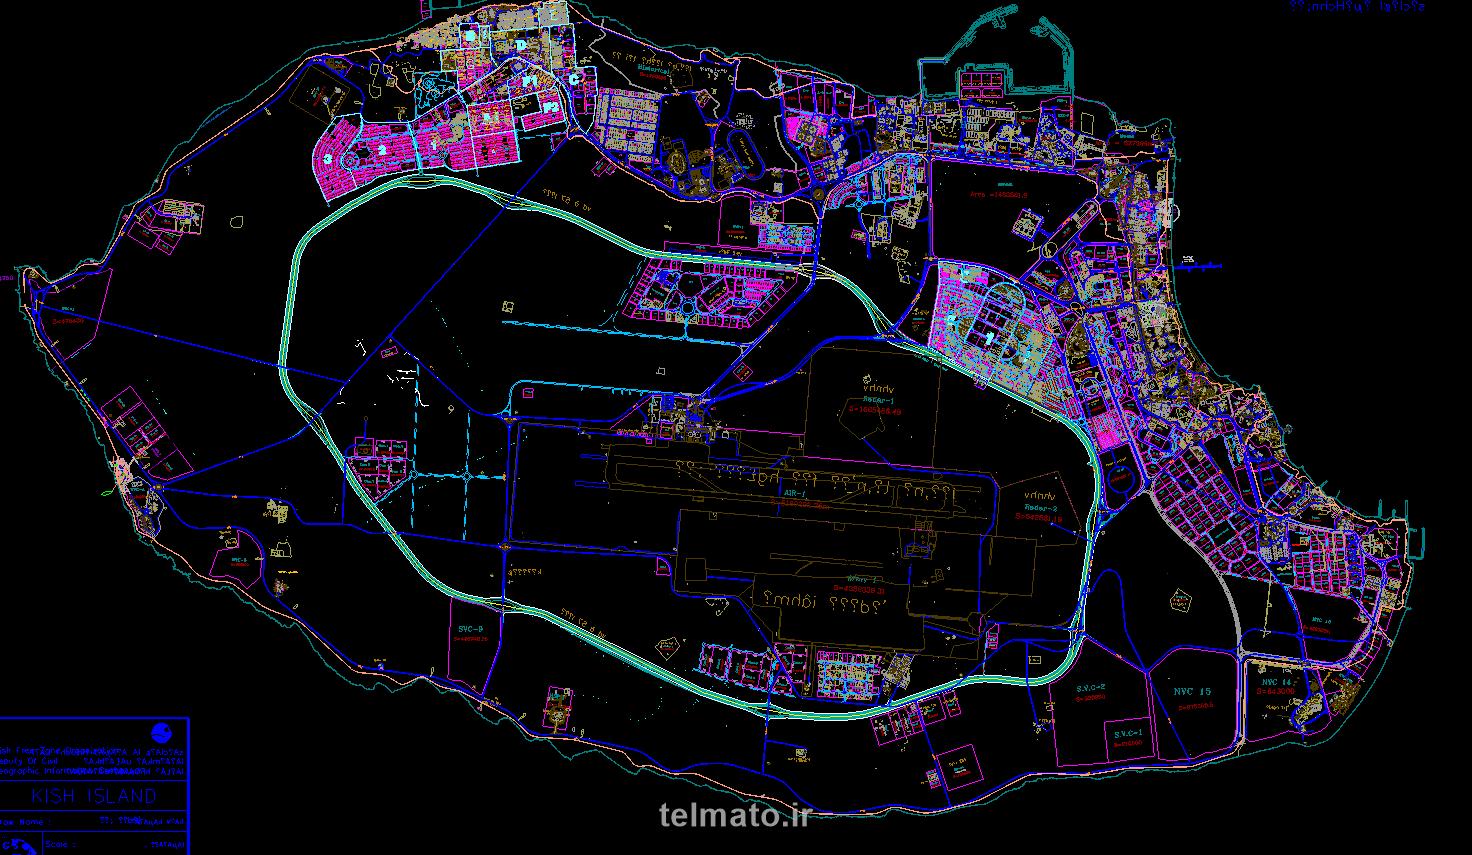 دانلود فایل نقشه اتوکد جزیره کیش با فرمت (kish island autocad file .(DWG